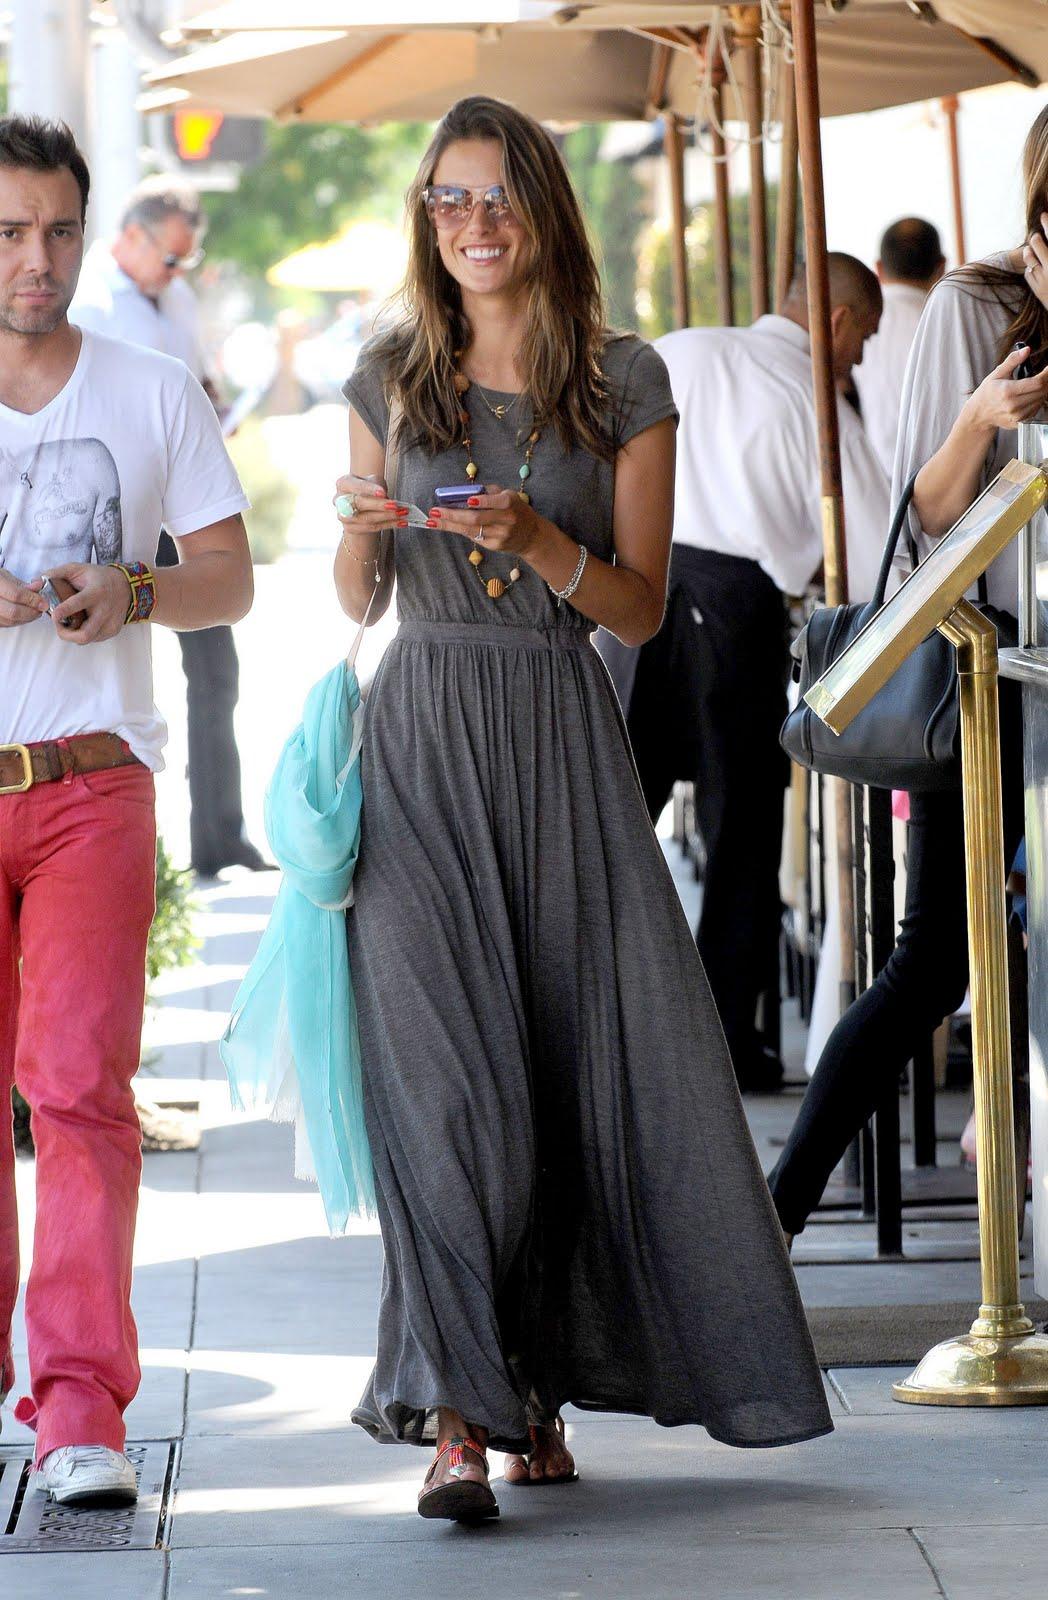 http://3.bp.blogspot.com/-ccCZIaRFAP4/TlpMKmbG3bI/AAAAAAAAUGM/G6d9a-3bb-Q/s1600/dress5.jpg